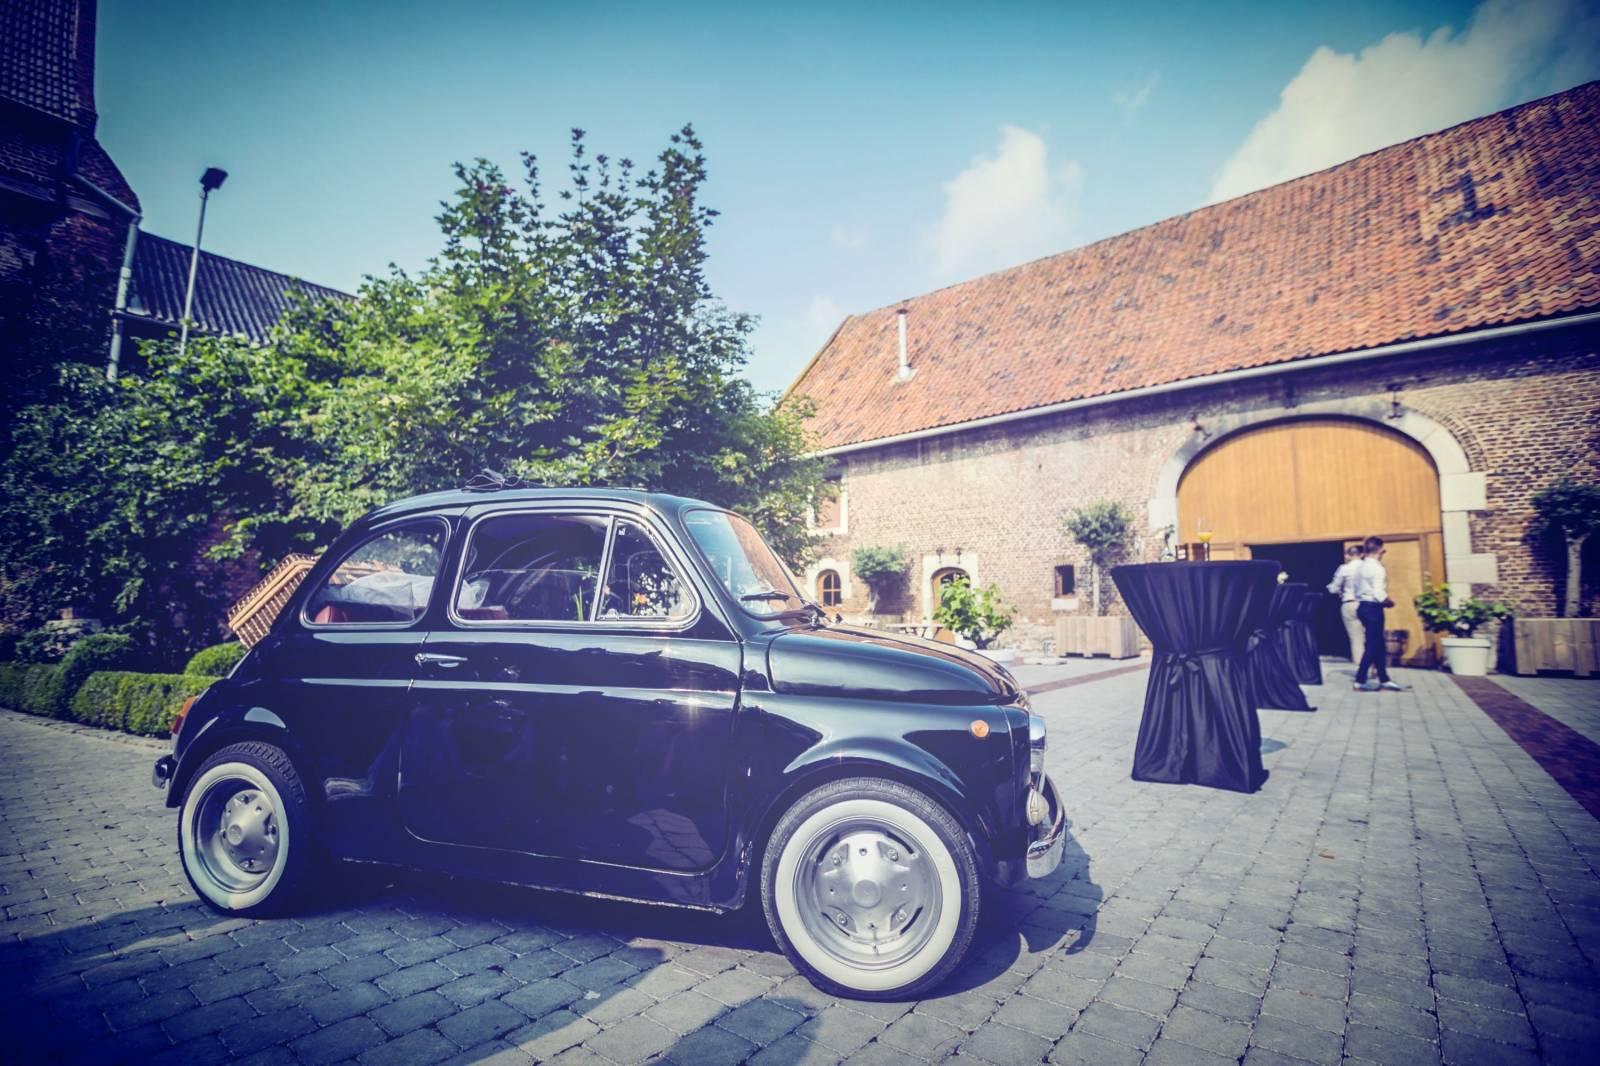 Goed Van Gothem - Feestzaal - House of Weddings - 6